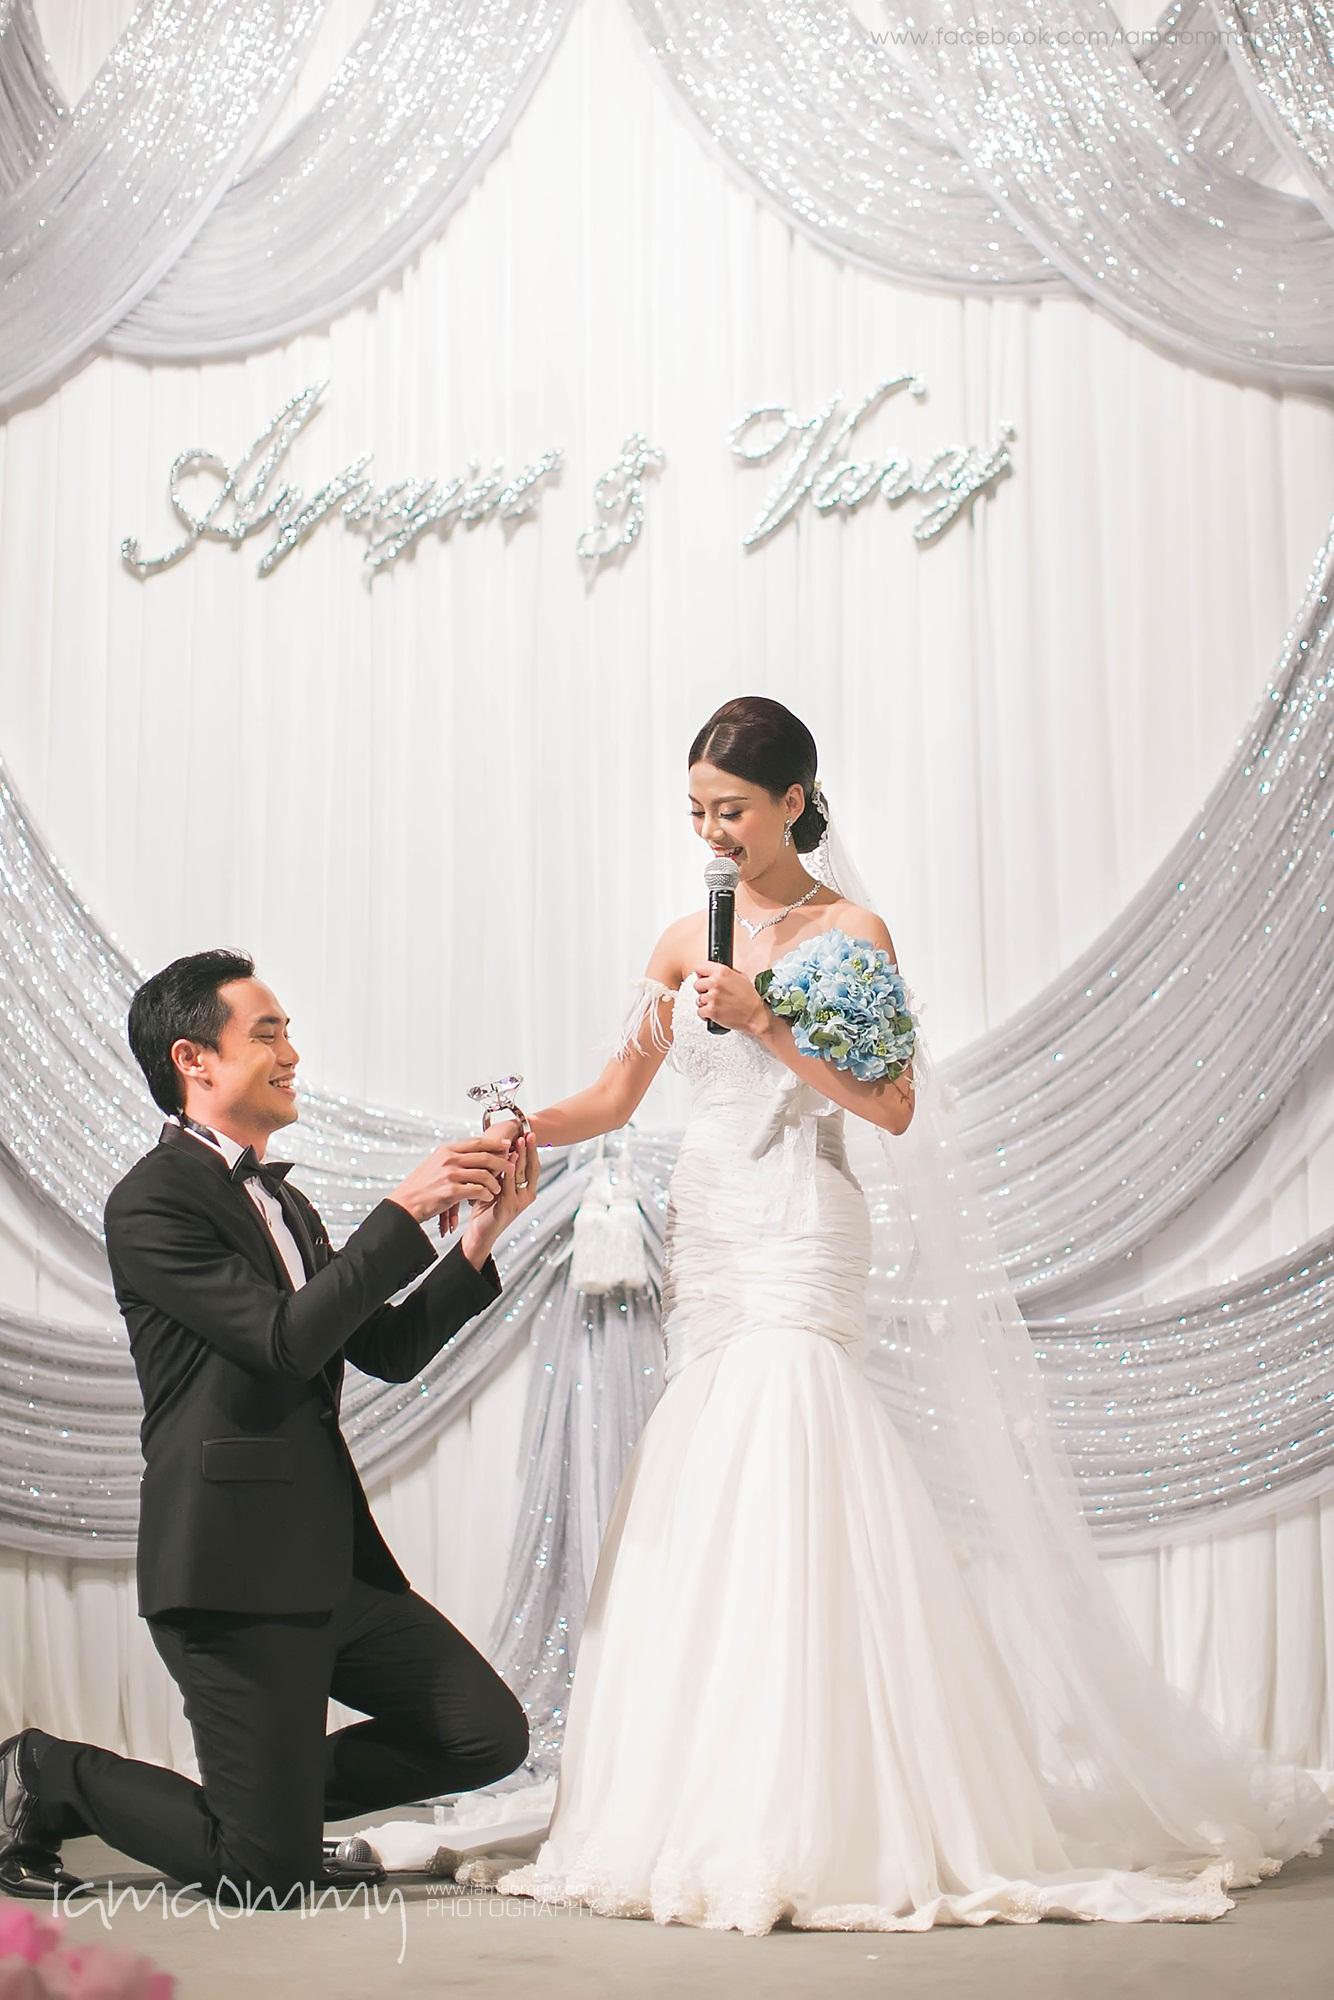 ถ่ายรูปแต่งงาน_IMG_9493